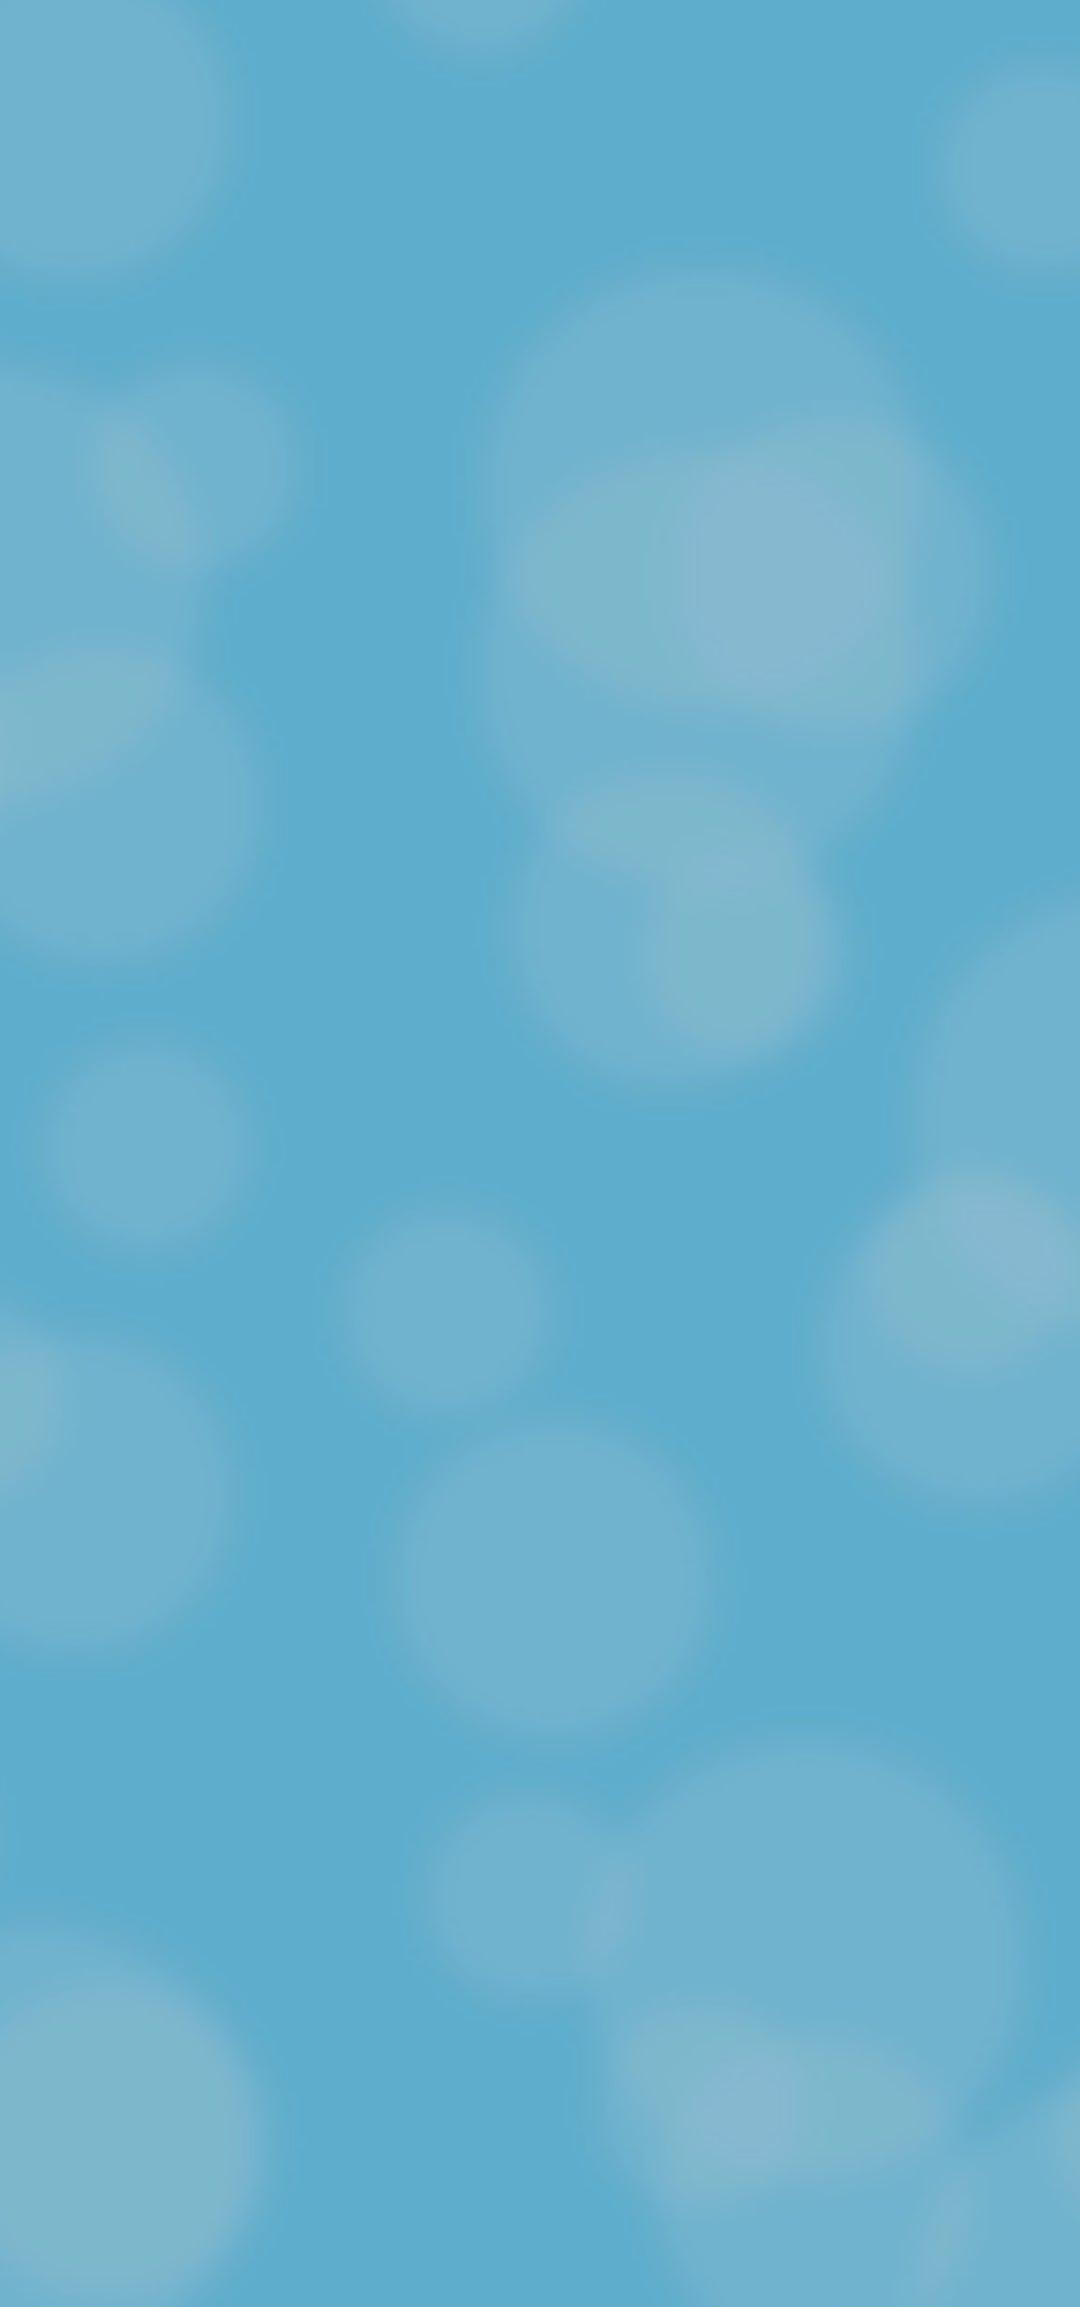 تحميل خلفيات واجهة سامسونج One UI 3 الاصلية برابط مباشر (3)